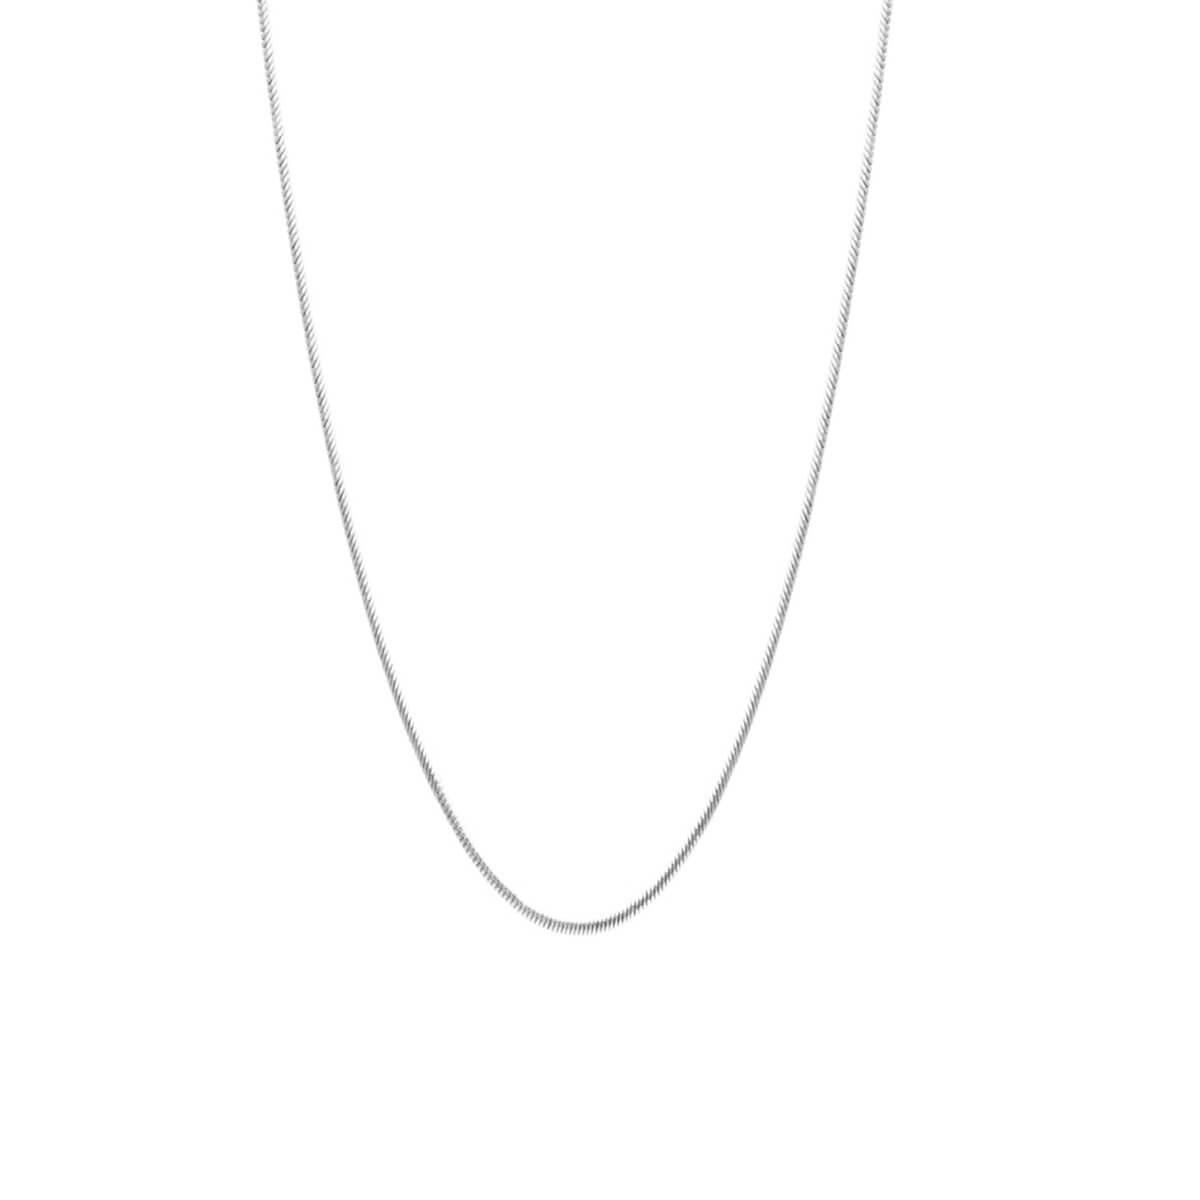 Corrente Rabo de Rato Prata 925 45 cm - New Bijoux b5f512445a